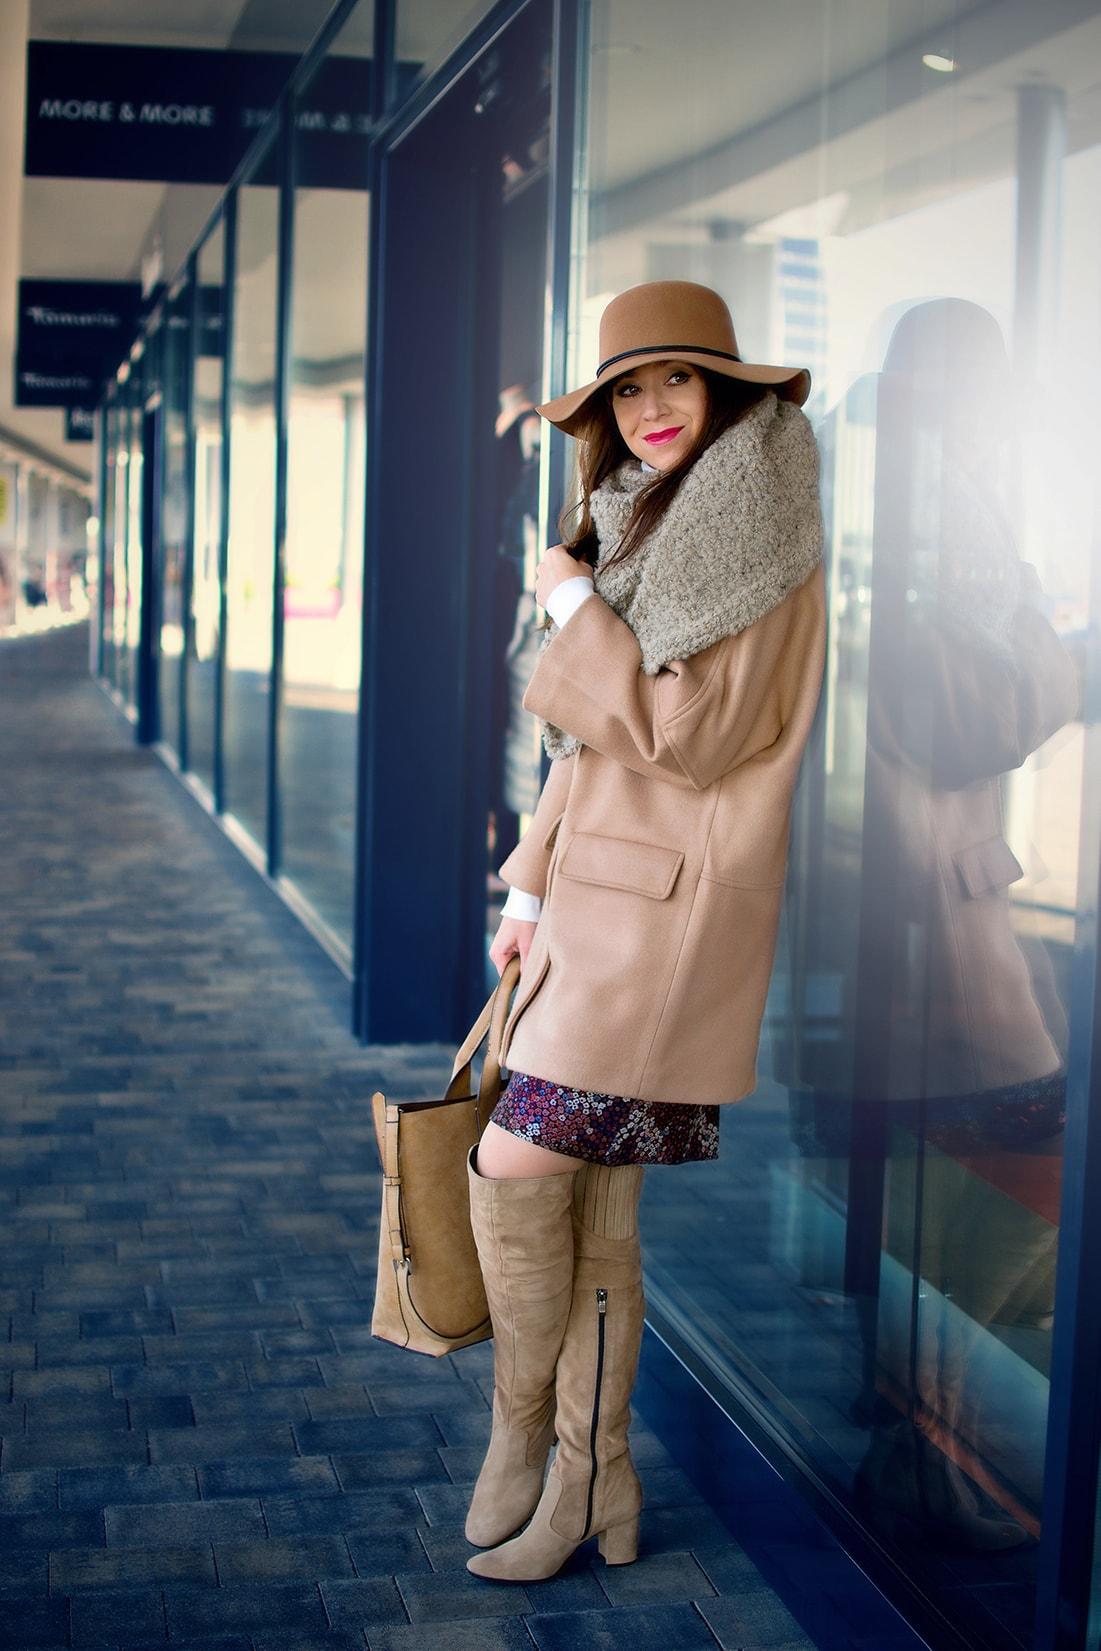 NADKOLENNÉ ČIŽMY. POTREBUJEŠ POČUŤ EŠTE VIAC?_Katharine-fashion is beautiful_blog 5_Béžový kabát Mango_Béžová kabelka Parfois_Béžové čižmy_Katarína Jakubčová_Fashion blogerka